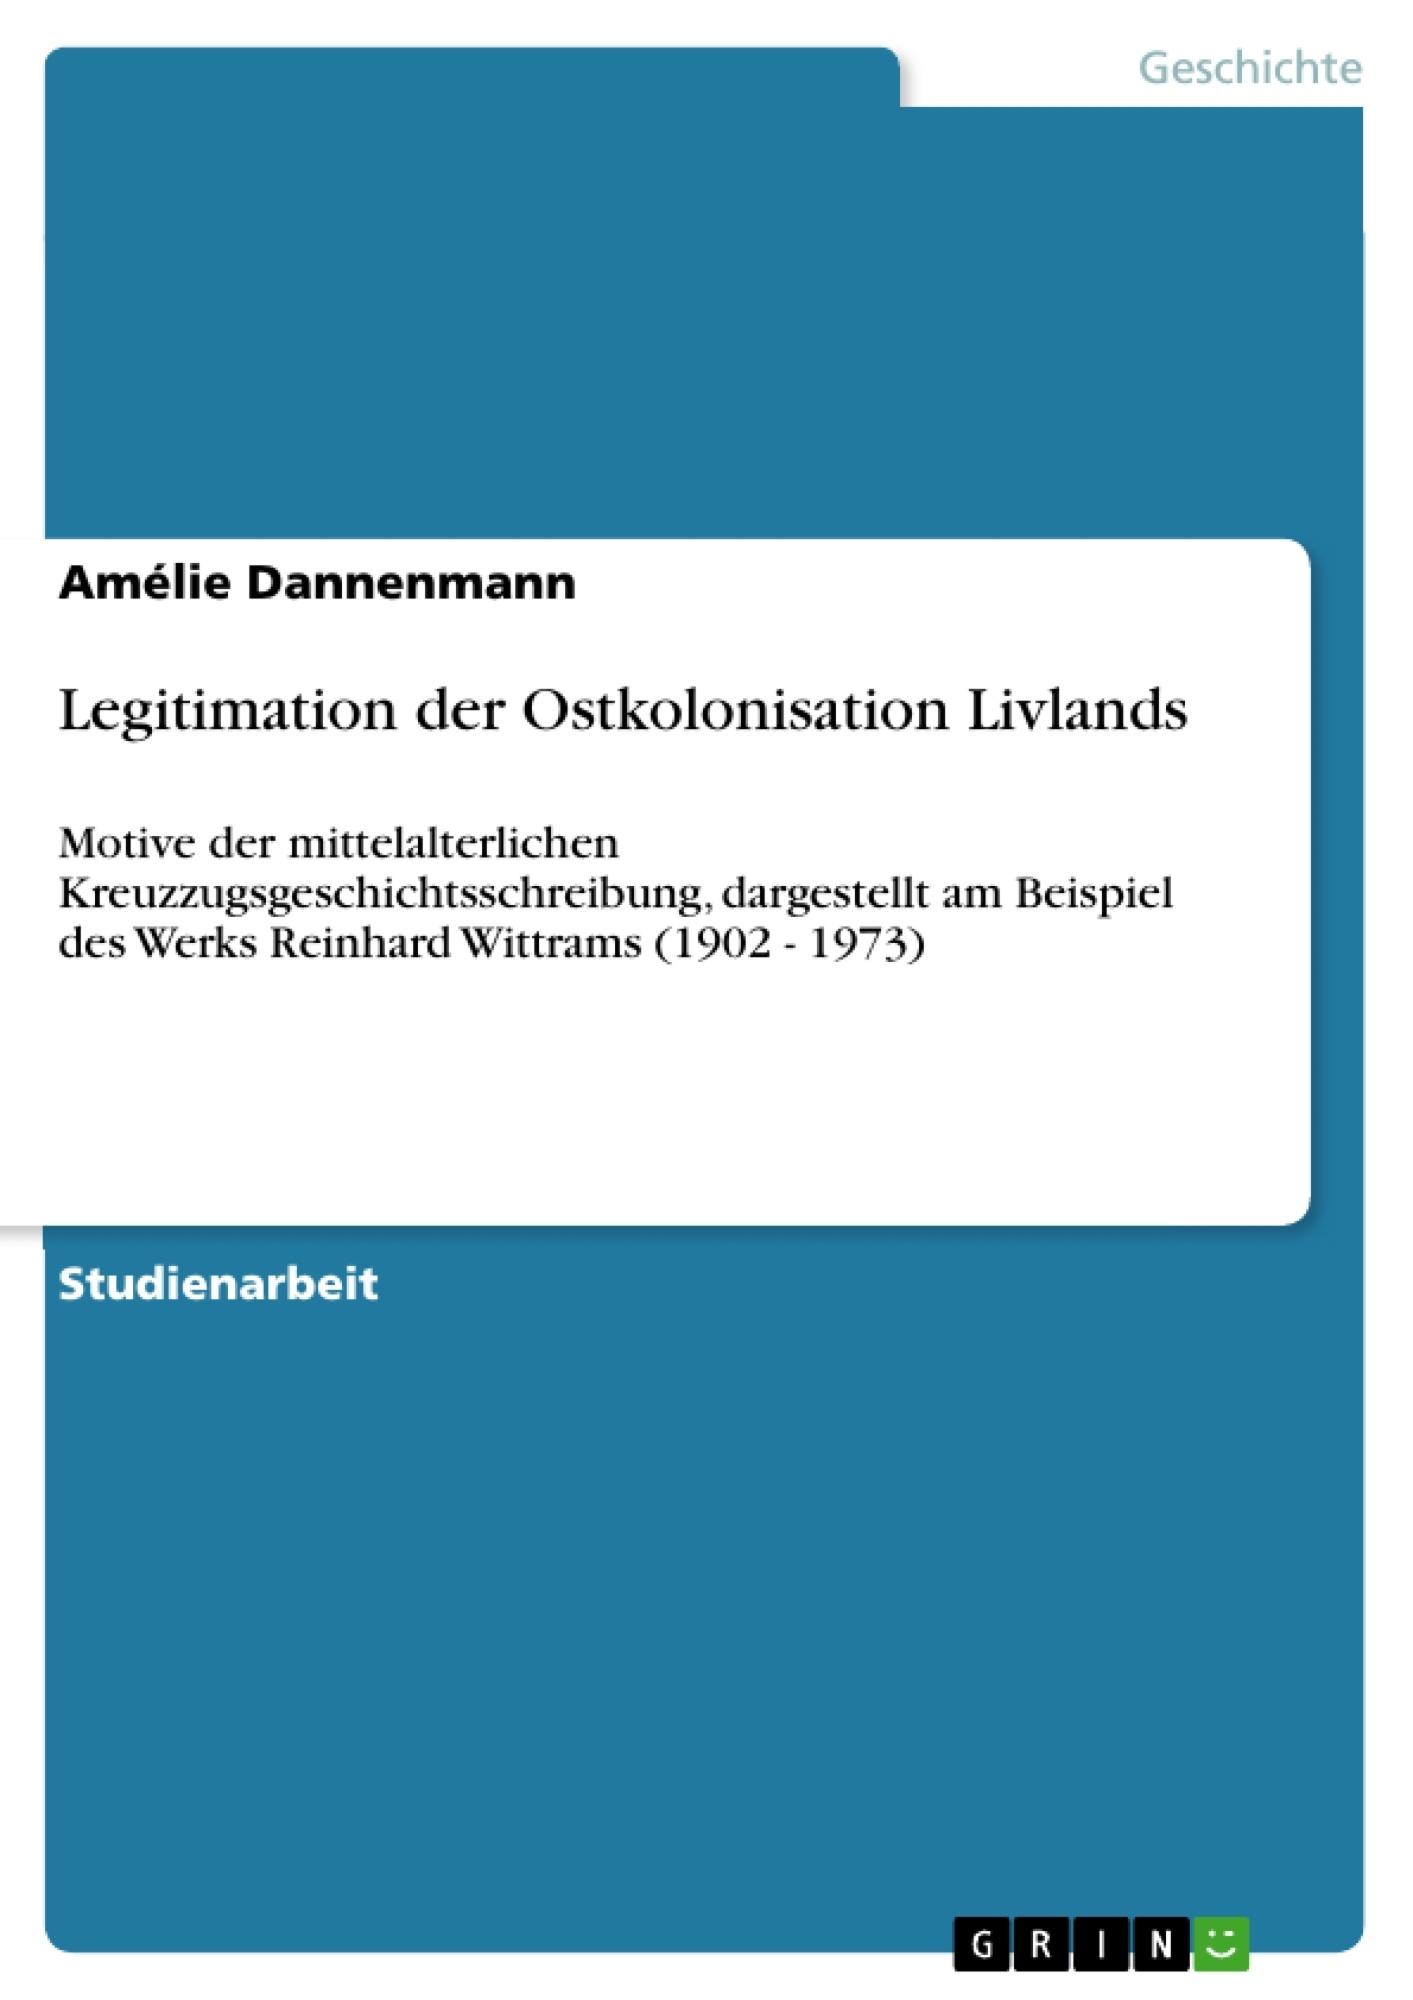 Titel: Legitimation der Ostkolonisation Livlands